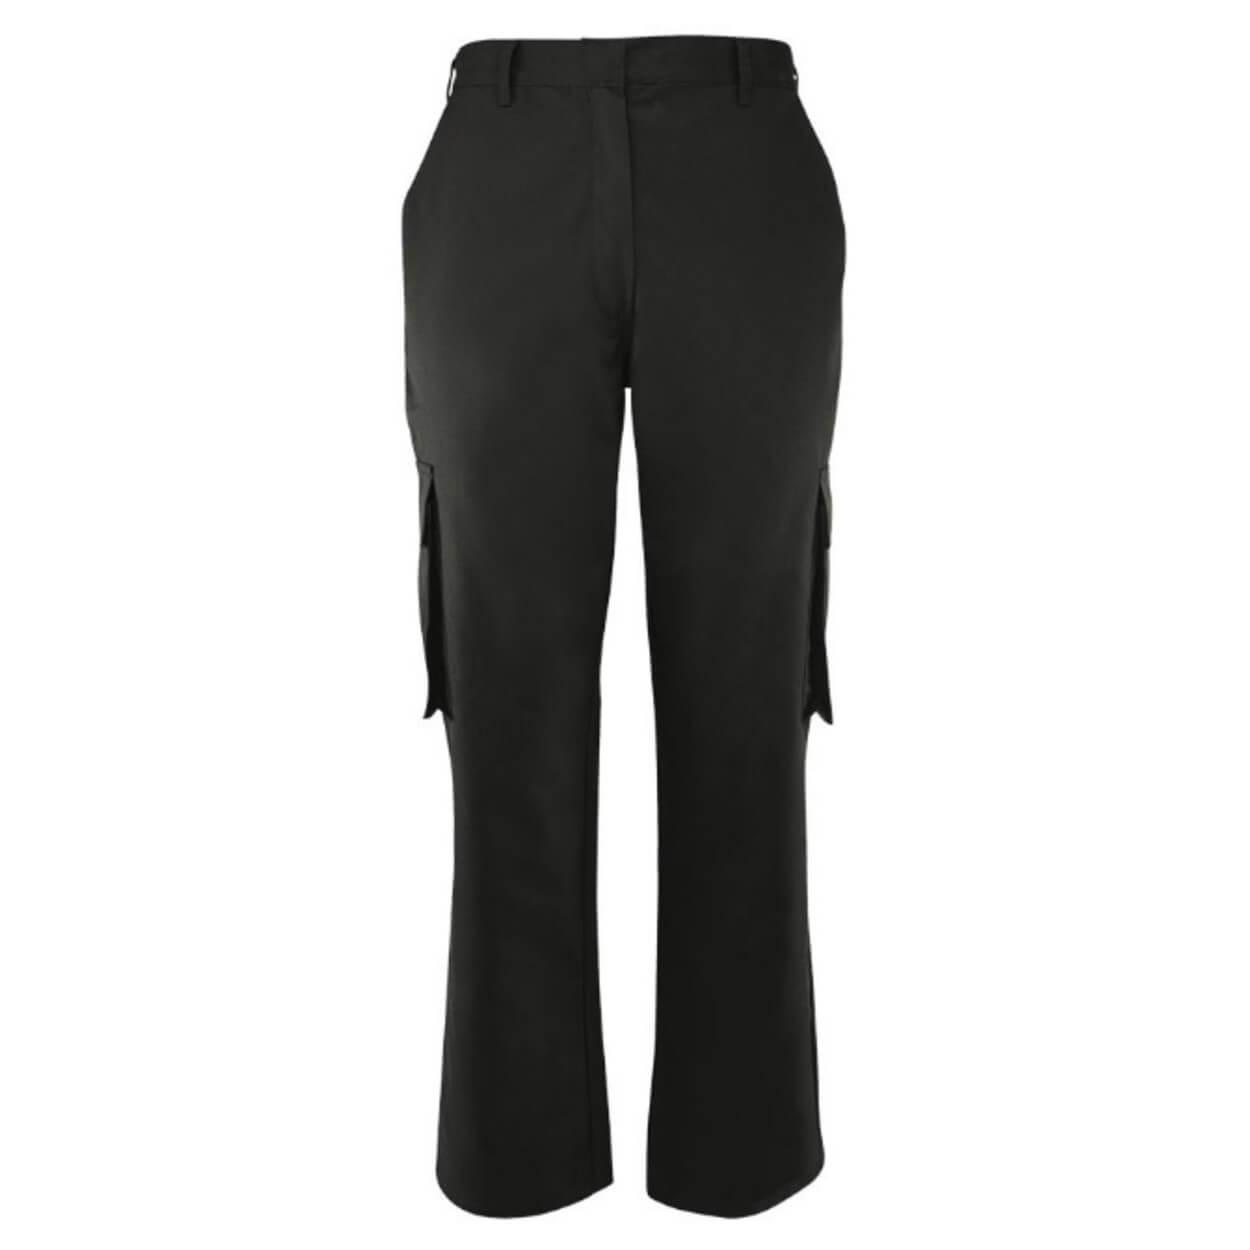 Γυναικείο παντελόνι φορτίου